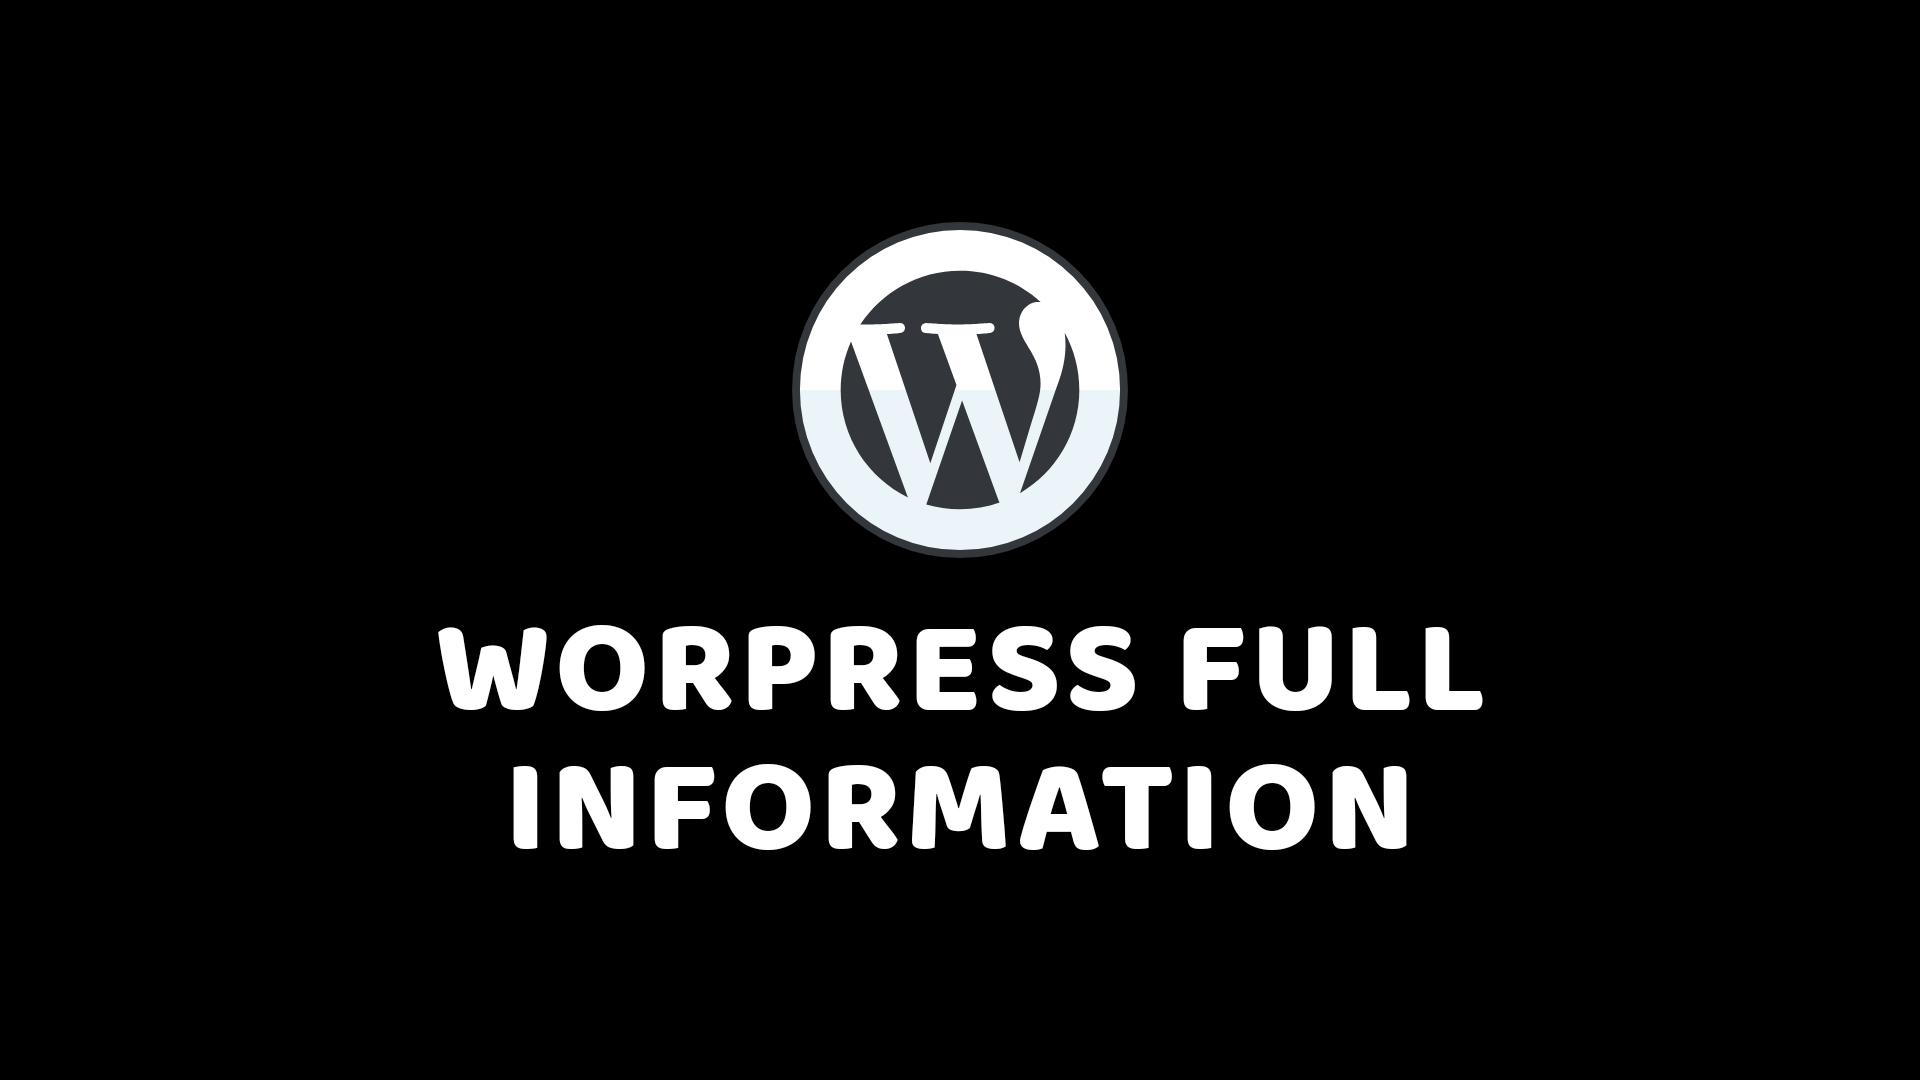 WordPress क्या है? WordPress की पूरी जानकारी हिंदी में